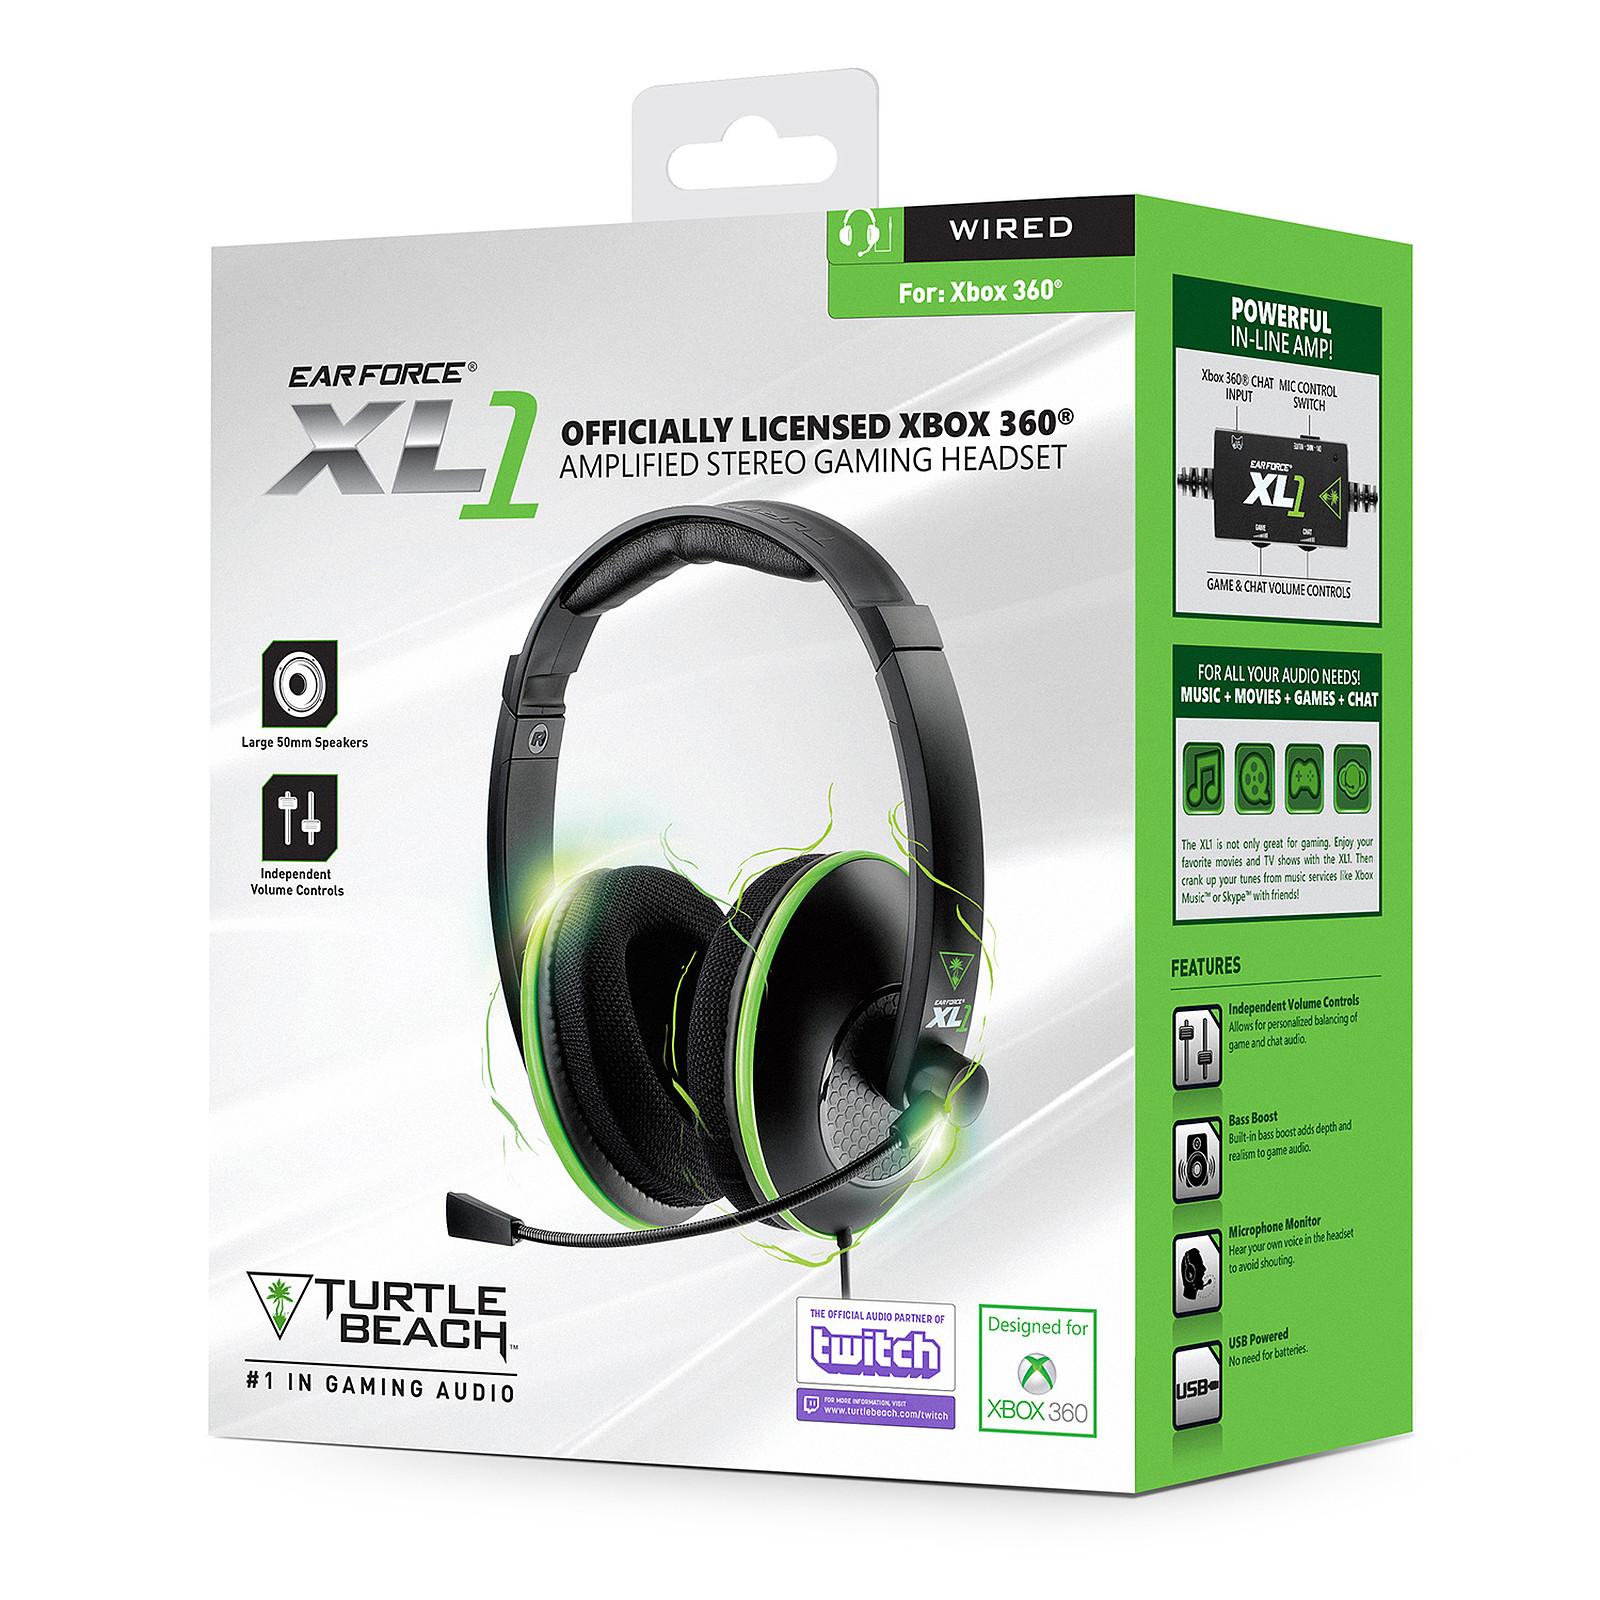 Casque Turtle Beach ear force XL1 - Xbox 360